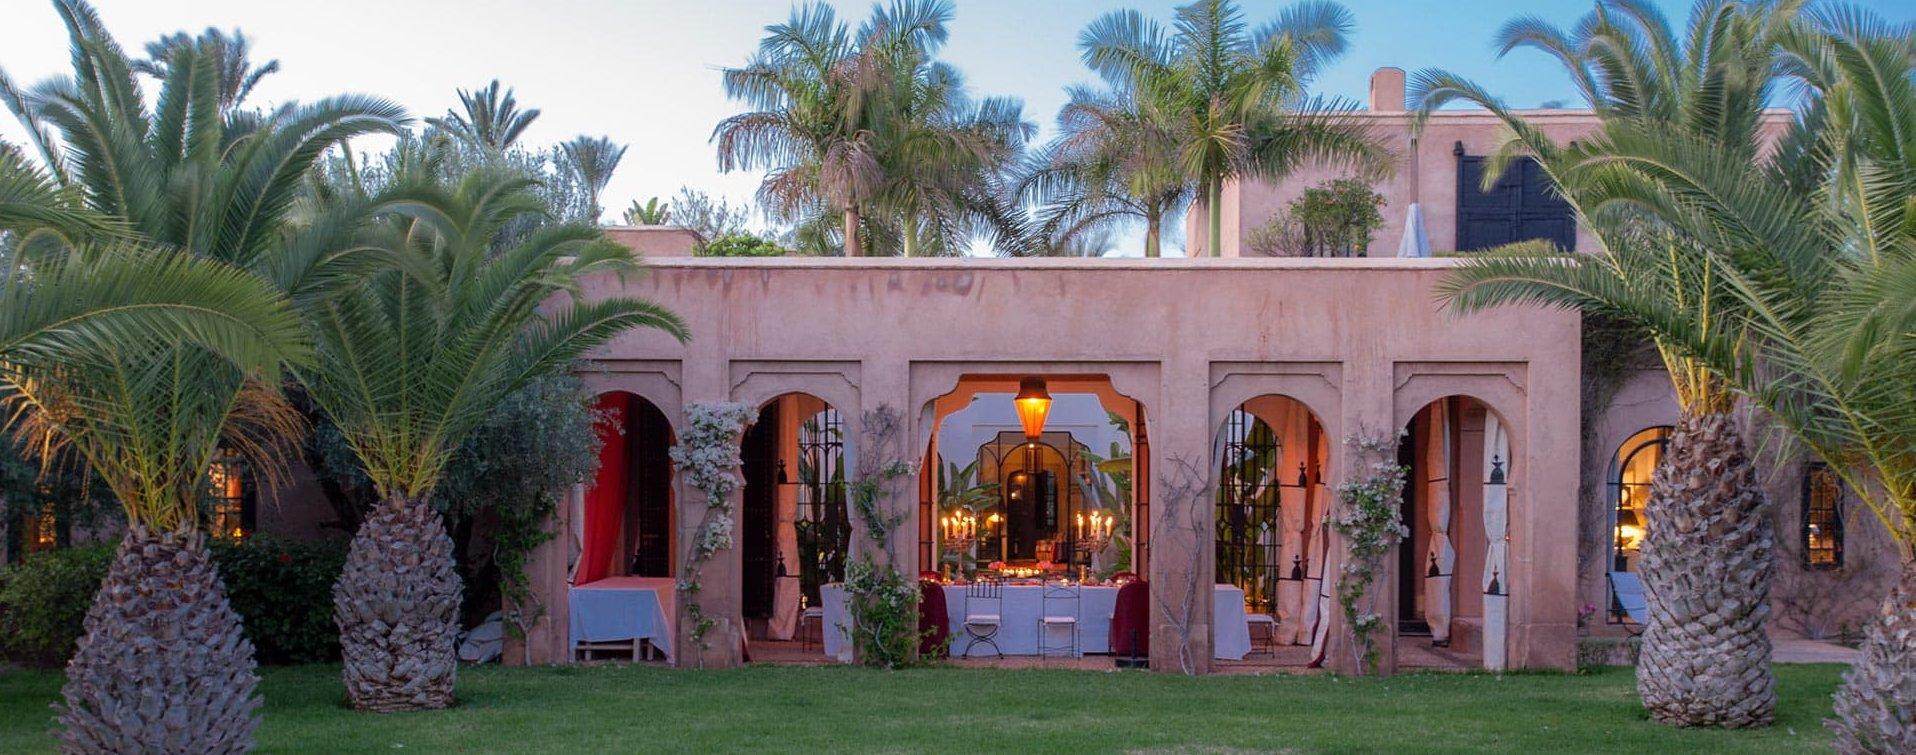 marrakech-villa-jacaranda-dining-terrace